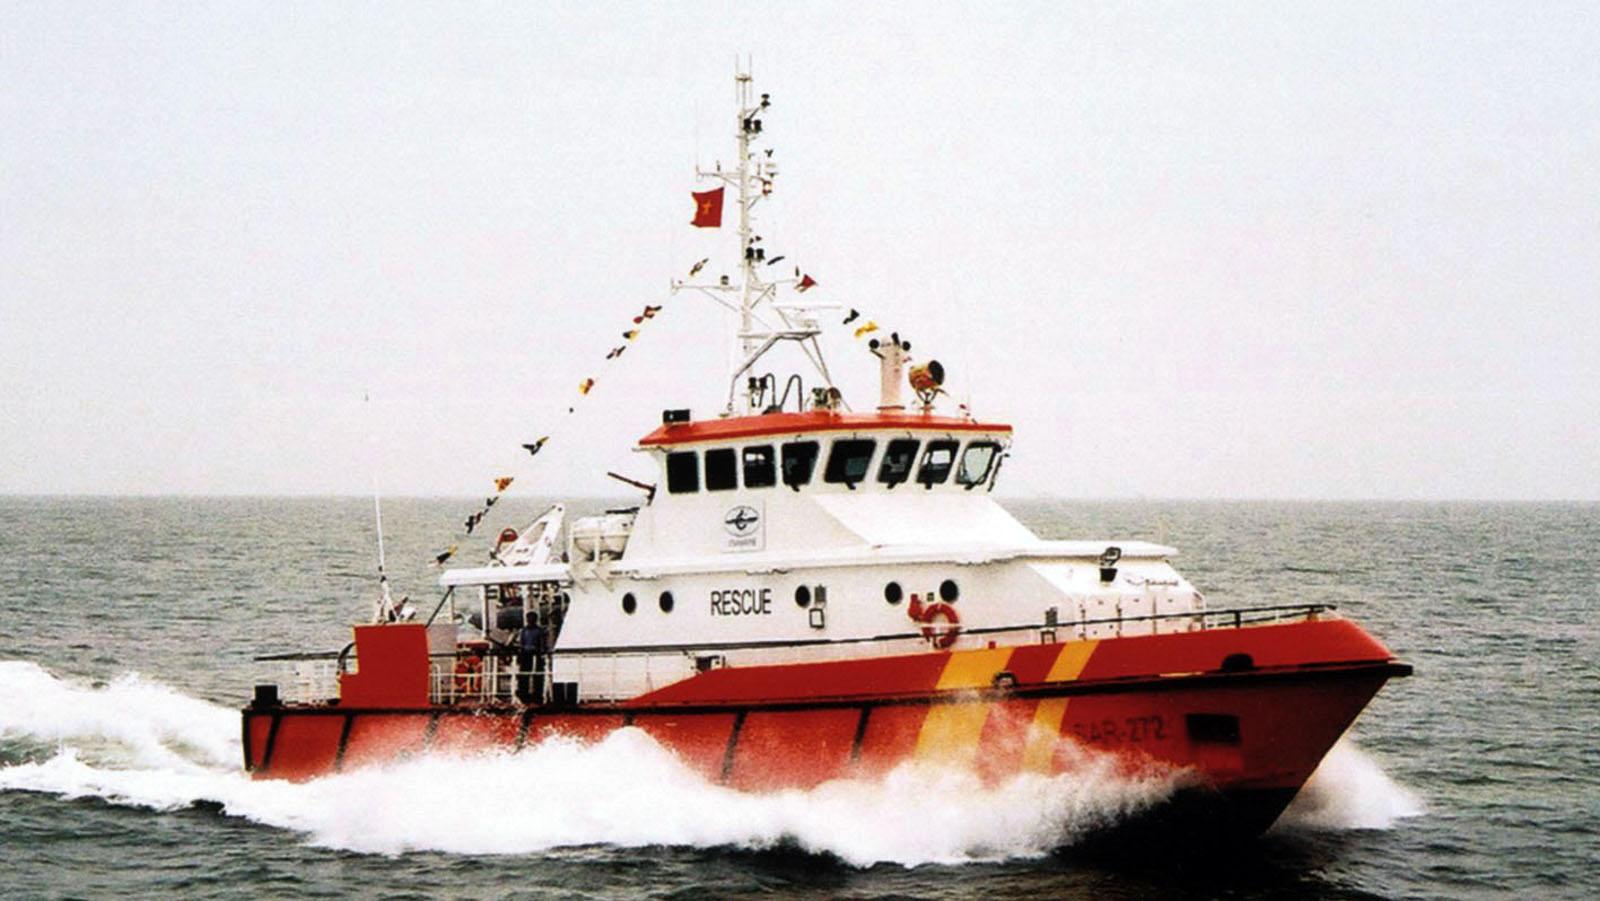 Hành trình chinh phục biển của lực lượng cứu nạn | Nhân Dân